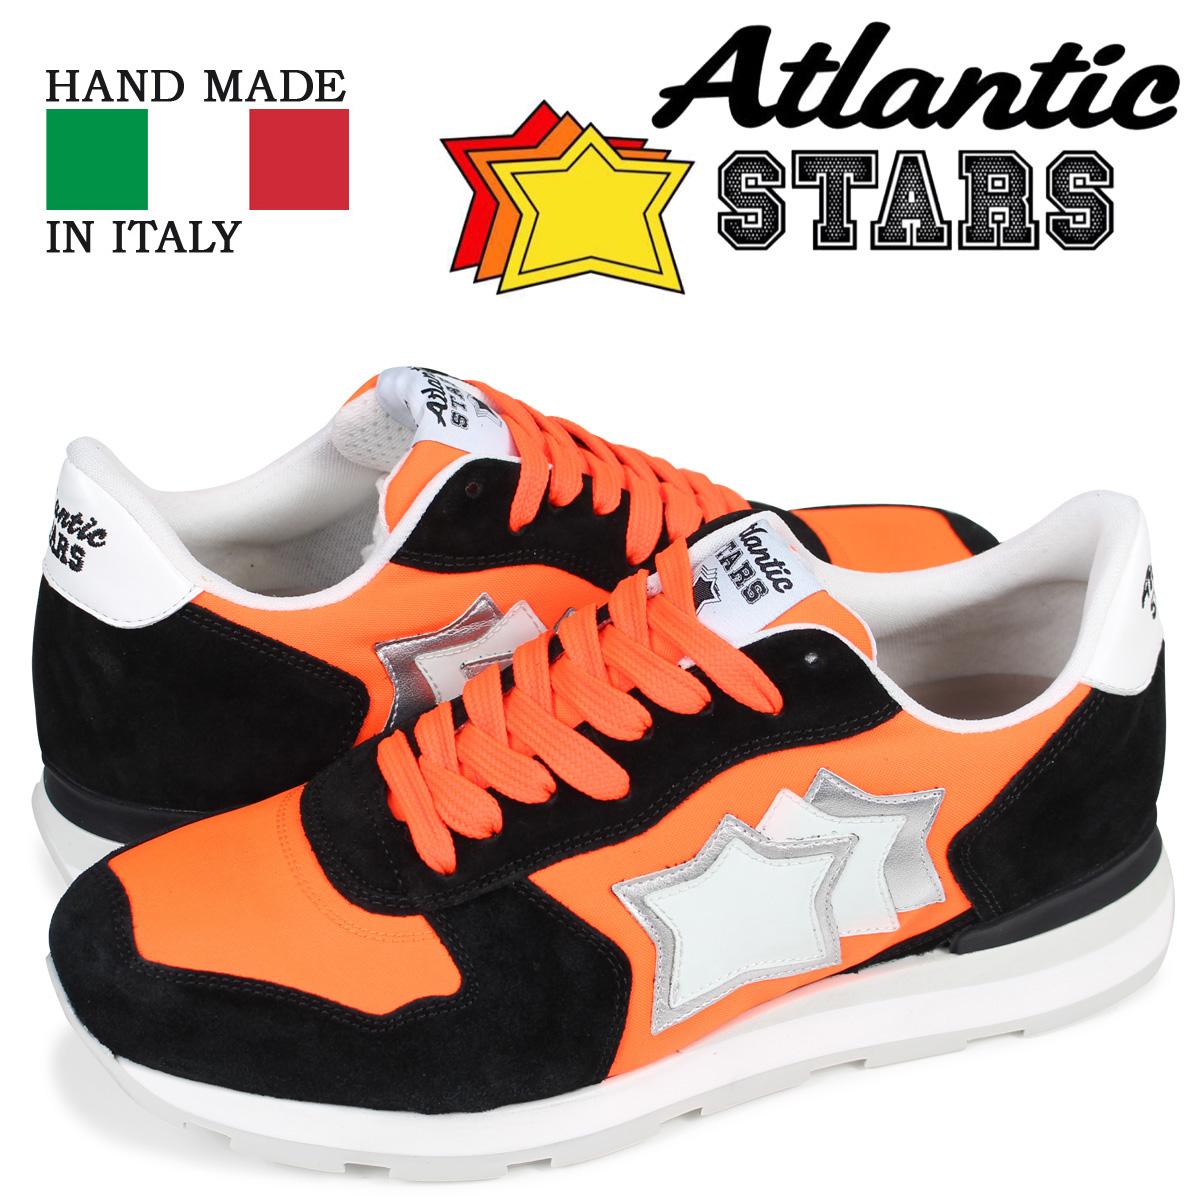 注目ブランド アトランティックスターズ メンズ オレンジ ANTARES スニーカー Atlantic STARS アンタレス ANTARES メンズ NAF-86N オレンジ, キタカンバラグン:e8b625ca --- paulogalvao.com